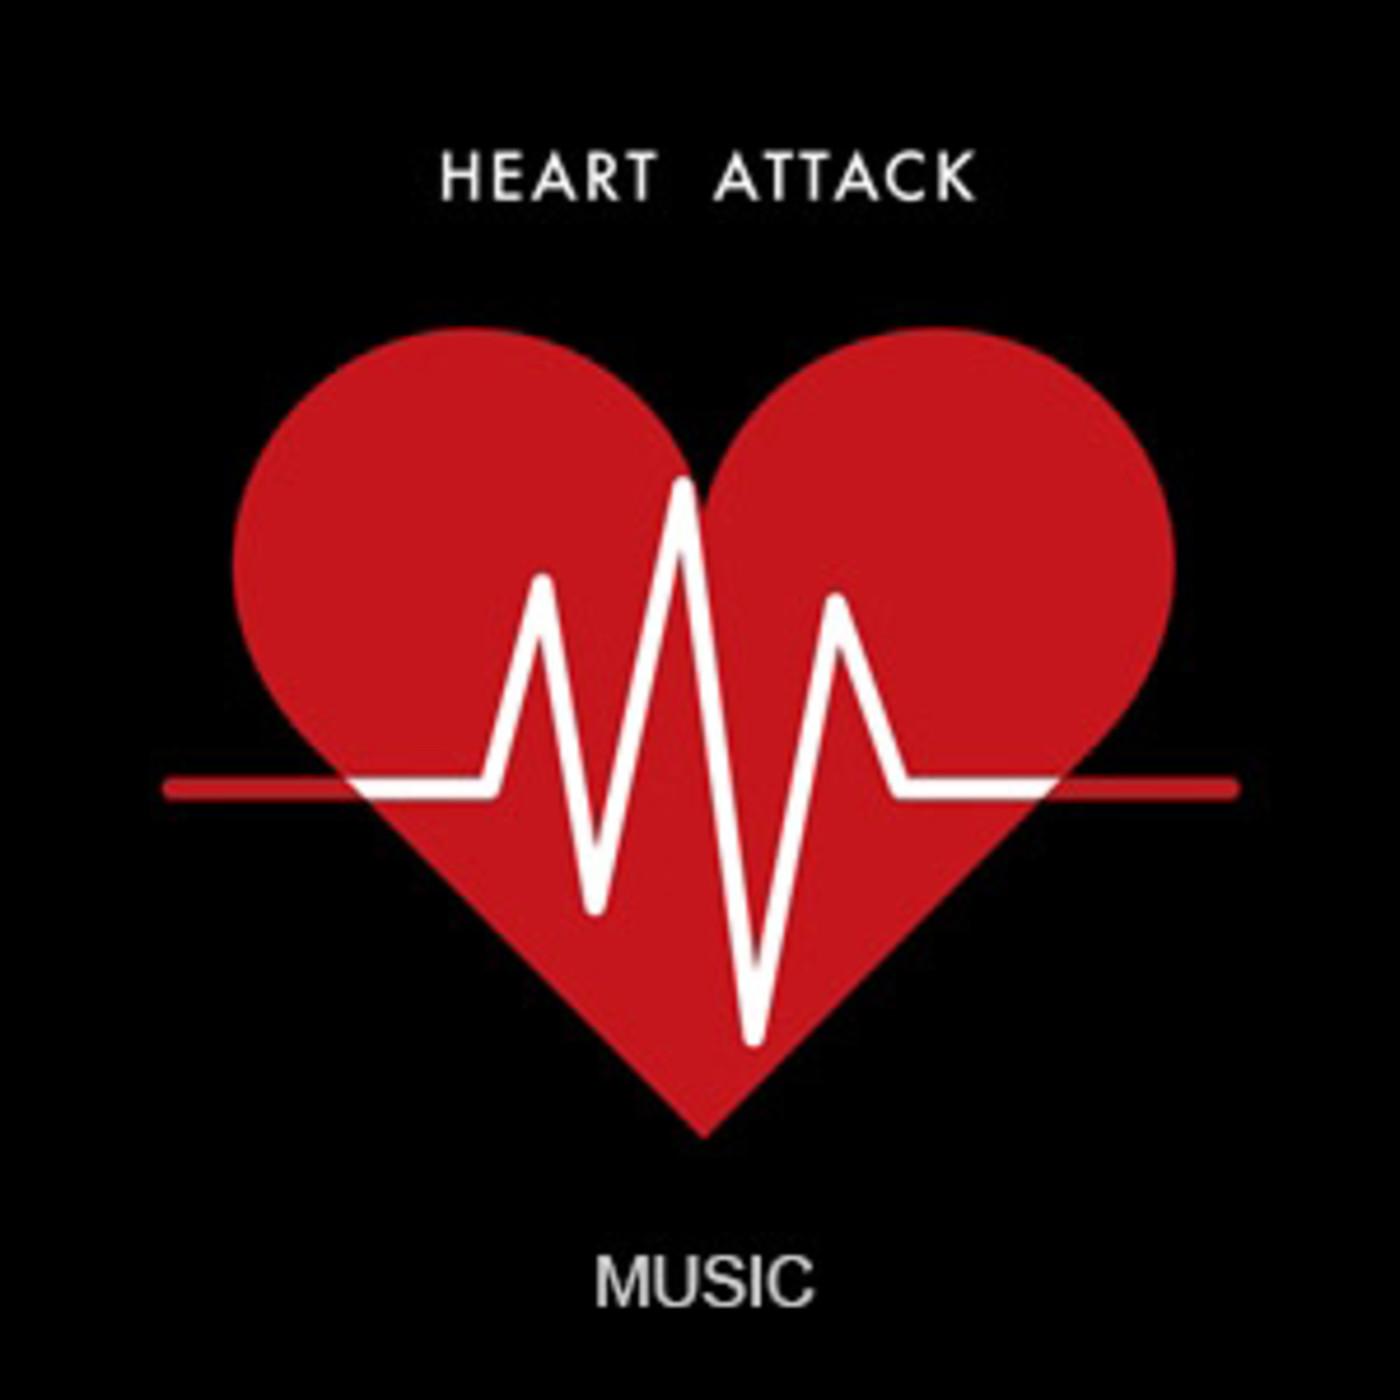 heart attcks